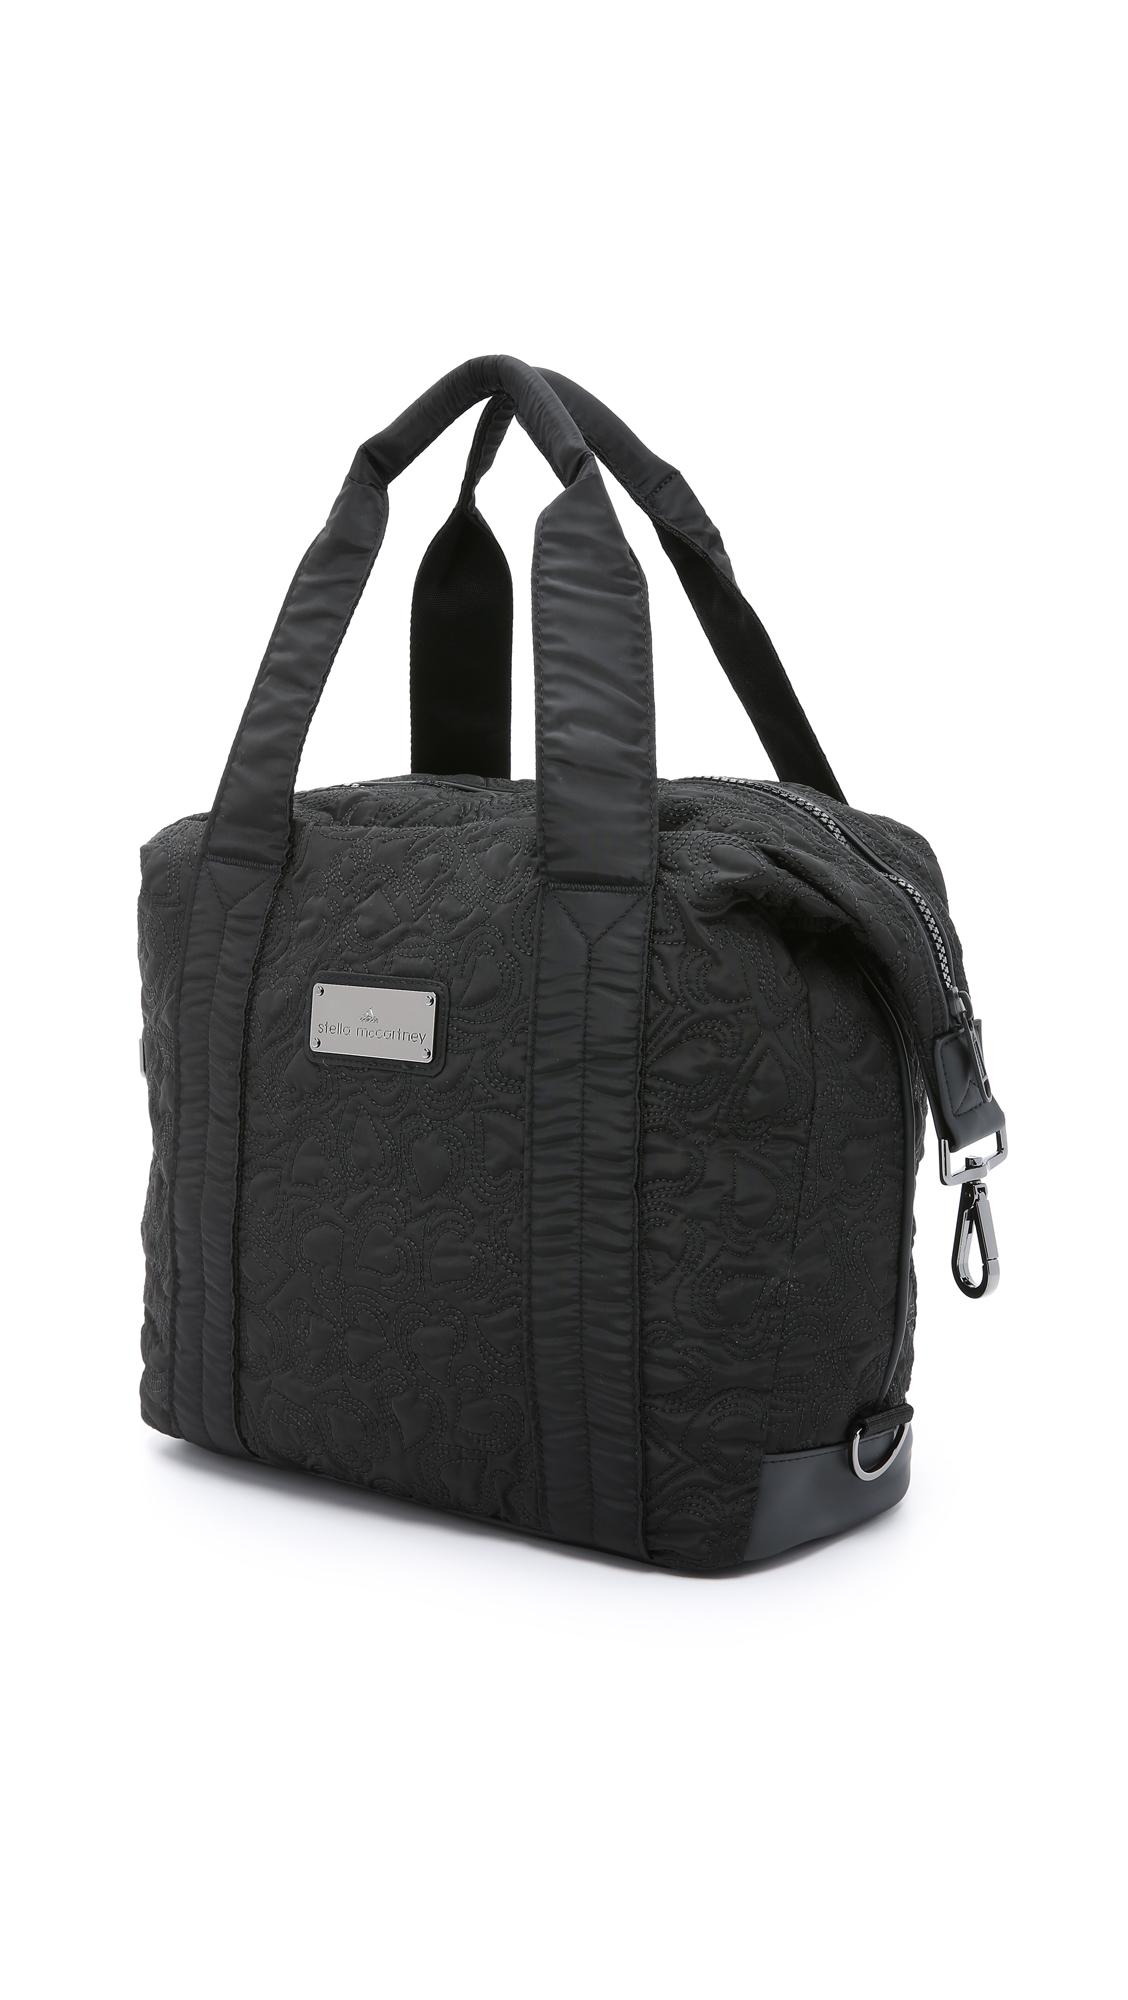 6f78fc99ee3e adidas By Stella McCartney Small Gym Bag - Black in Black - Lyst